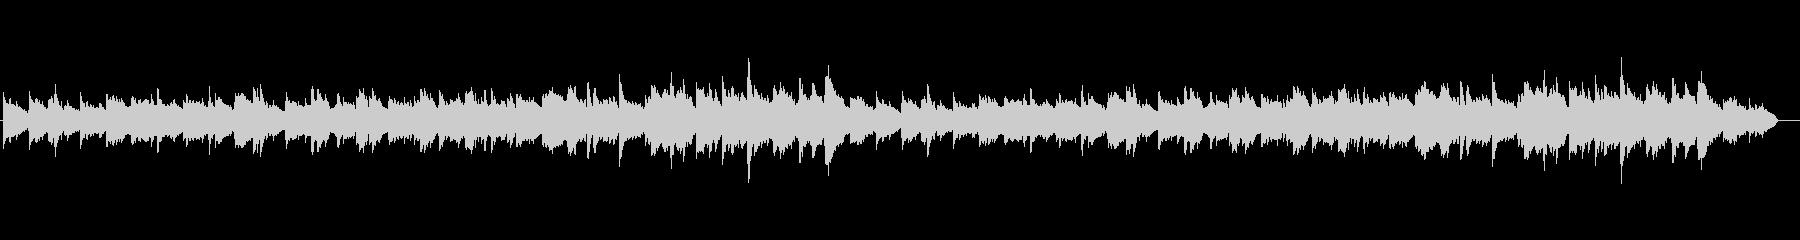 穏やかなピアノのBGMの未再生の波形